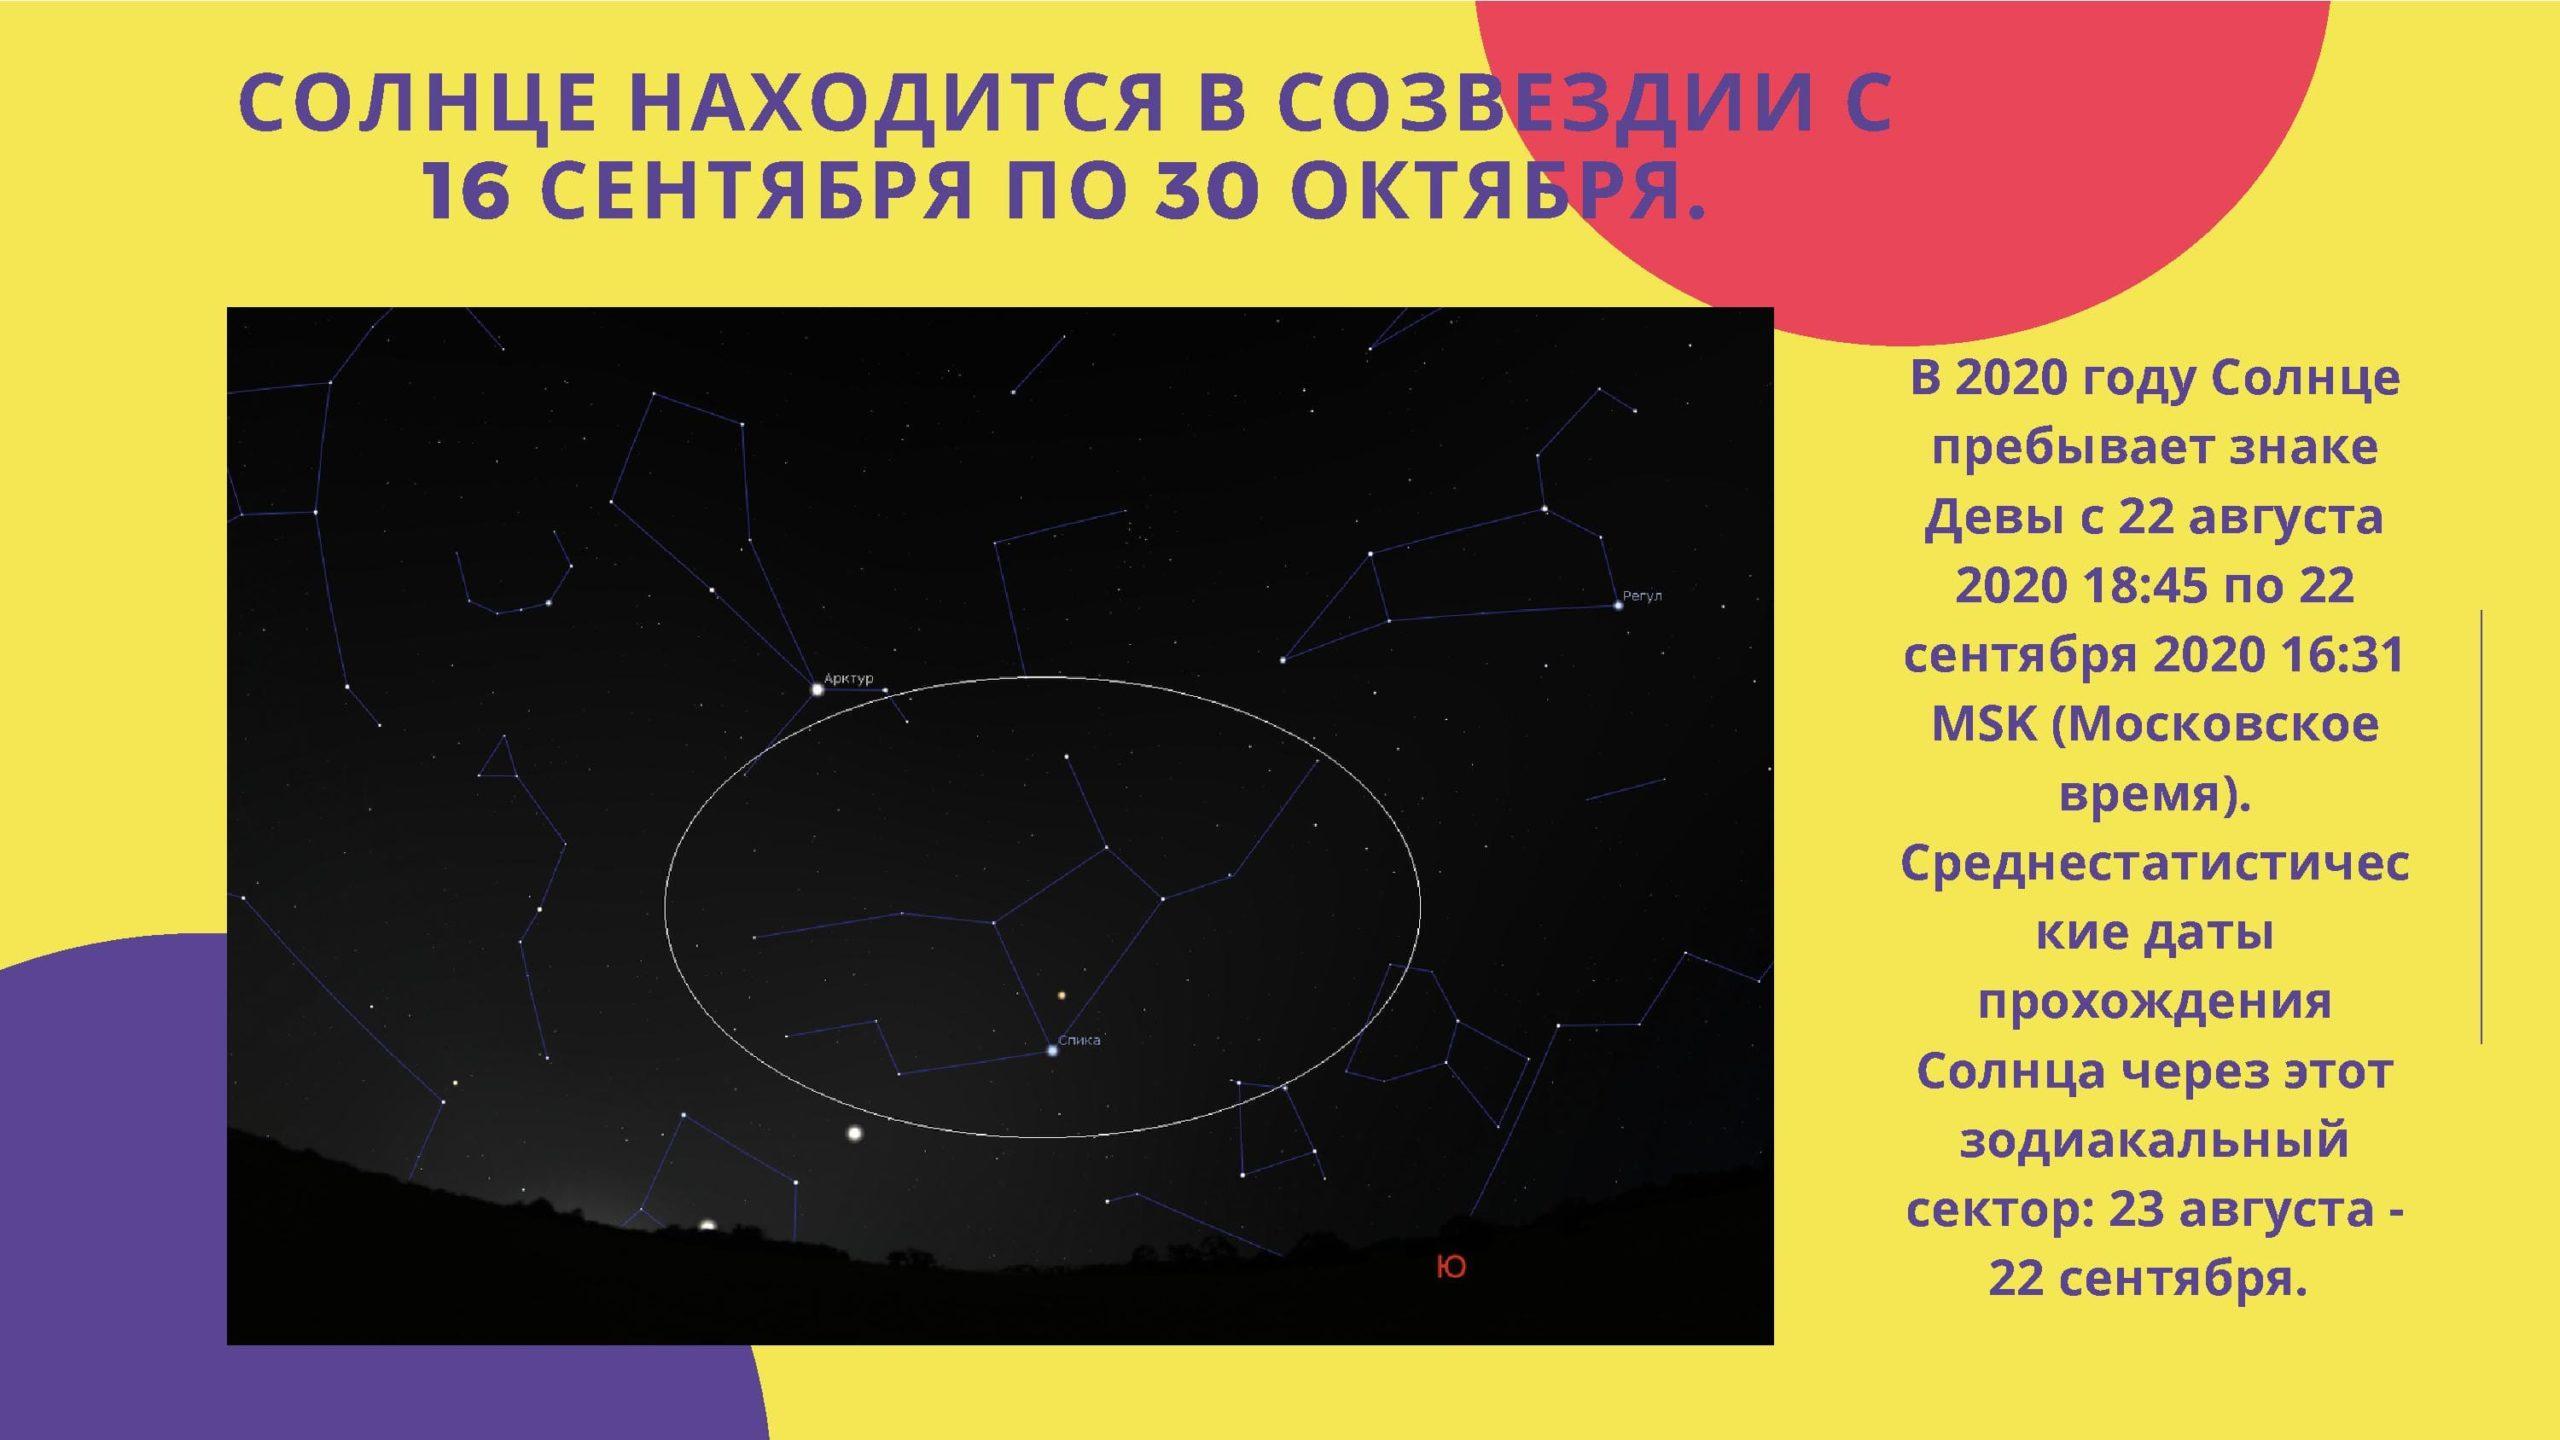 Солнце находится в созвездии с 16 сентября по 30 октября